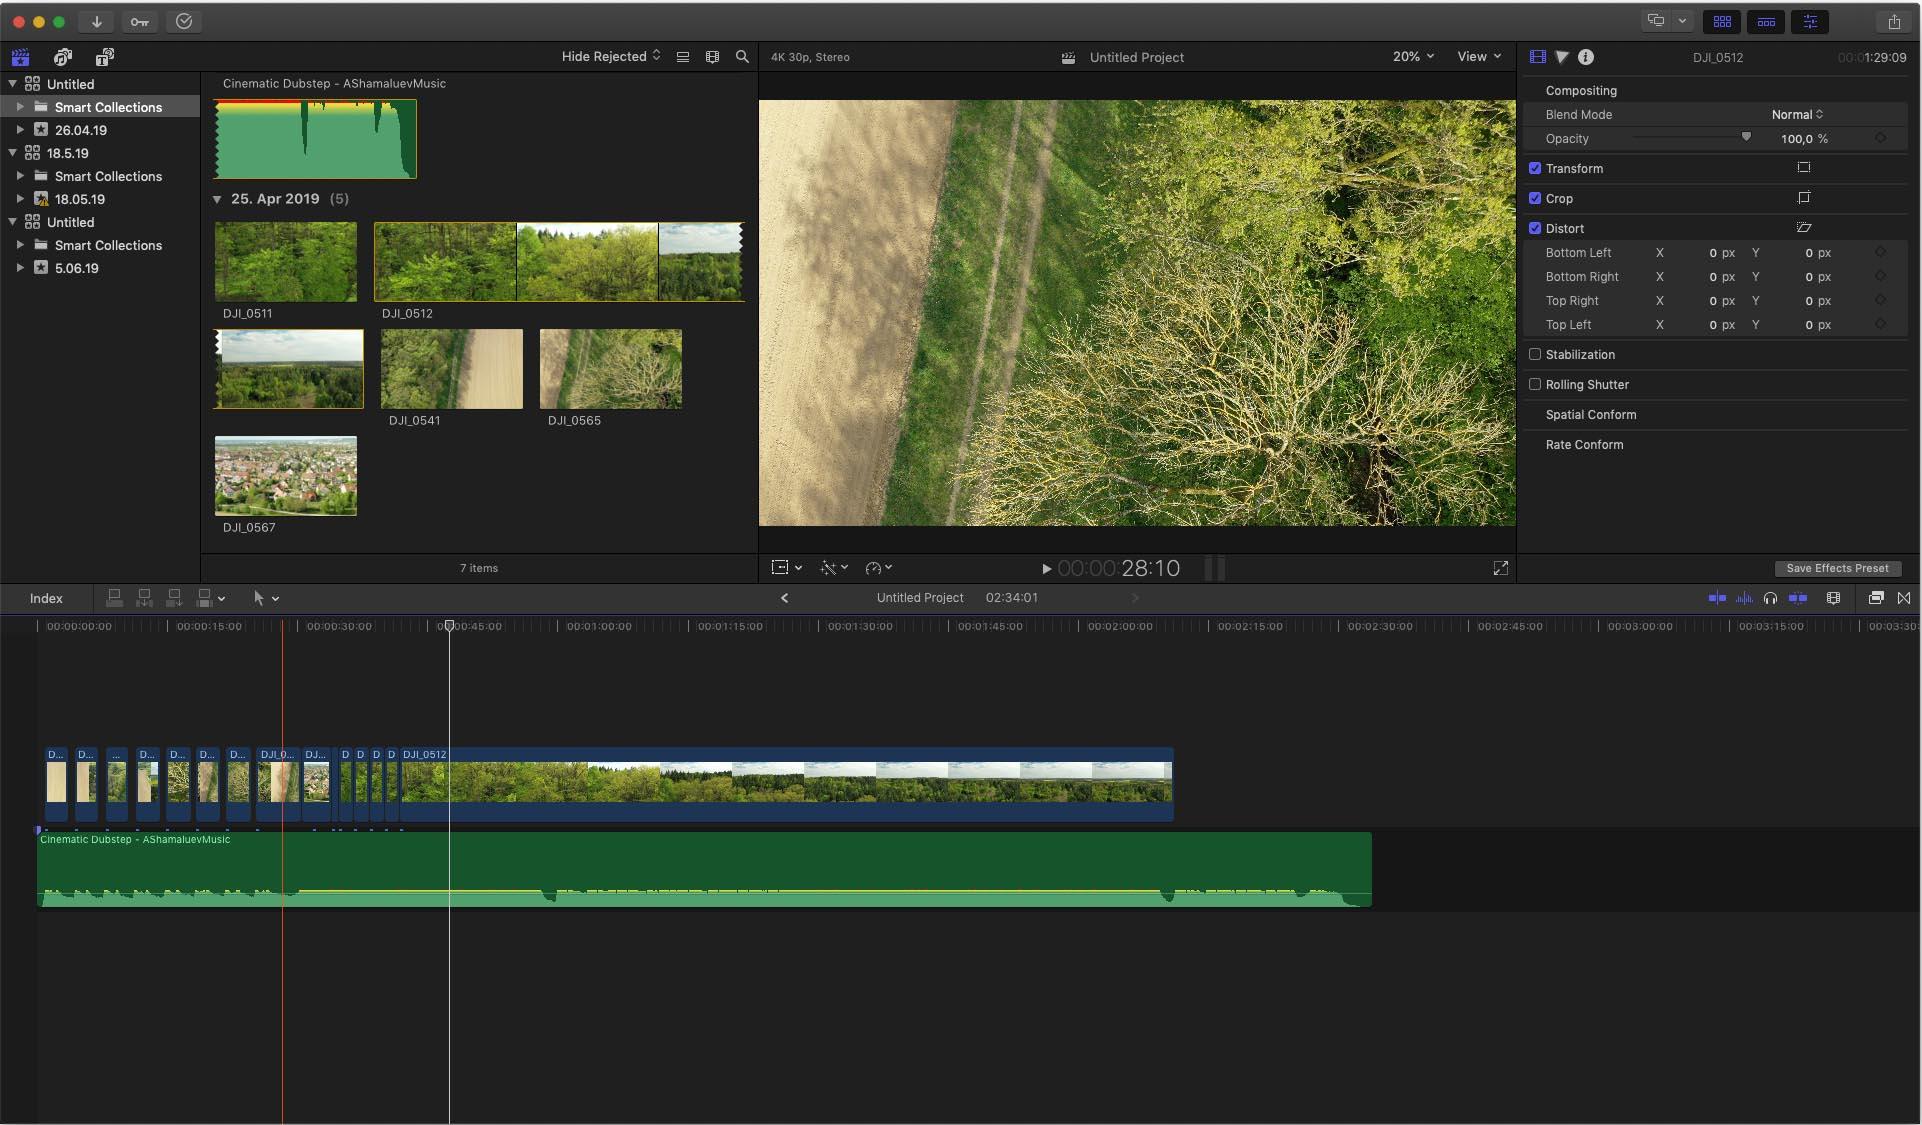 videobearbeitung kostenlos download vollversion